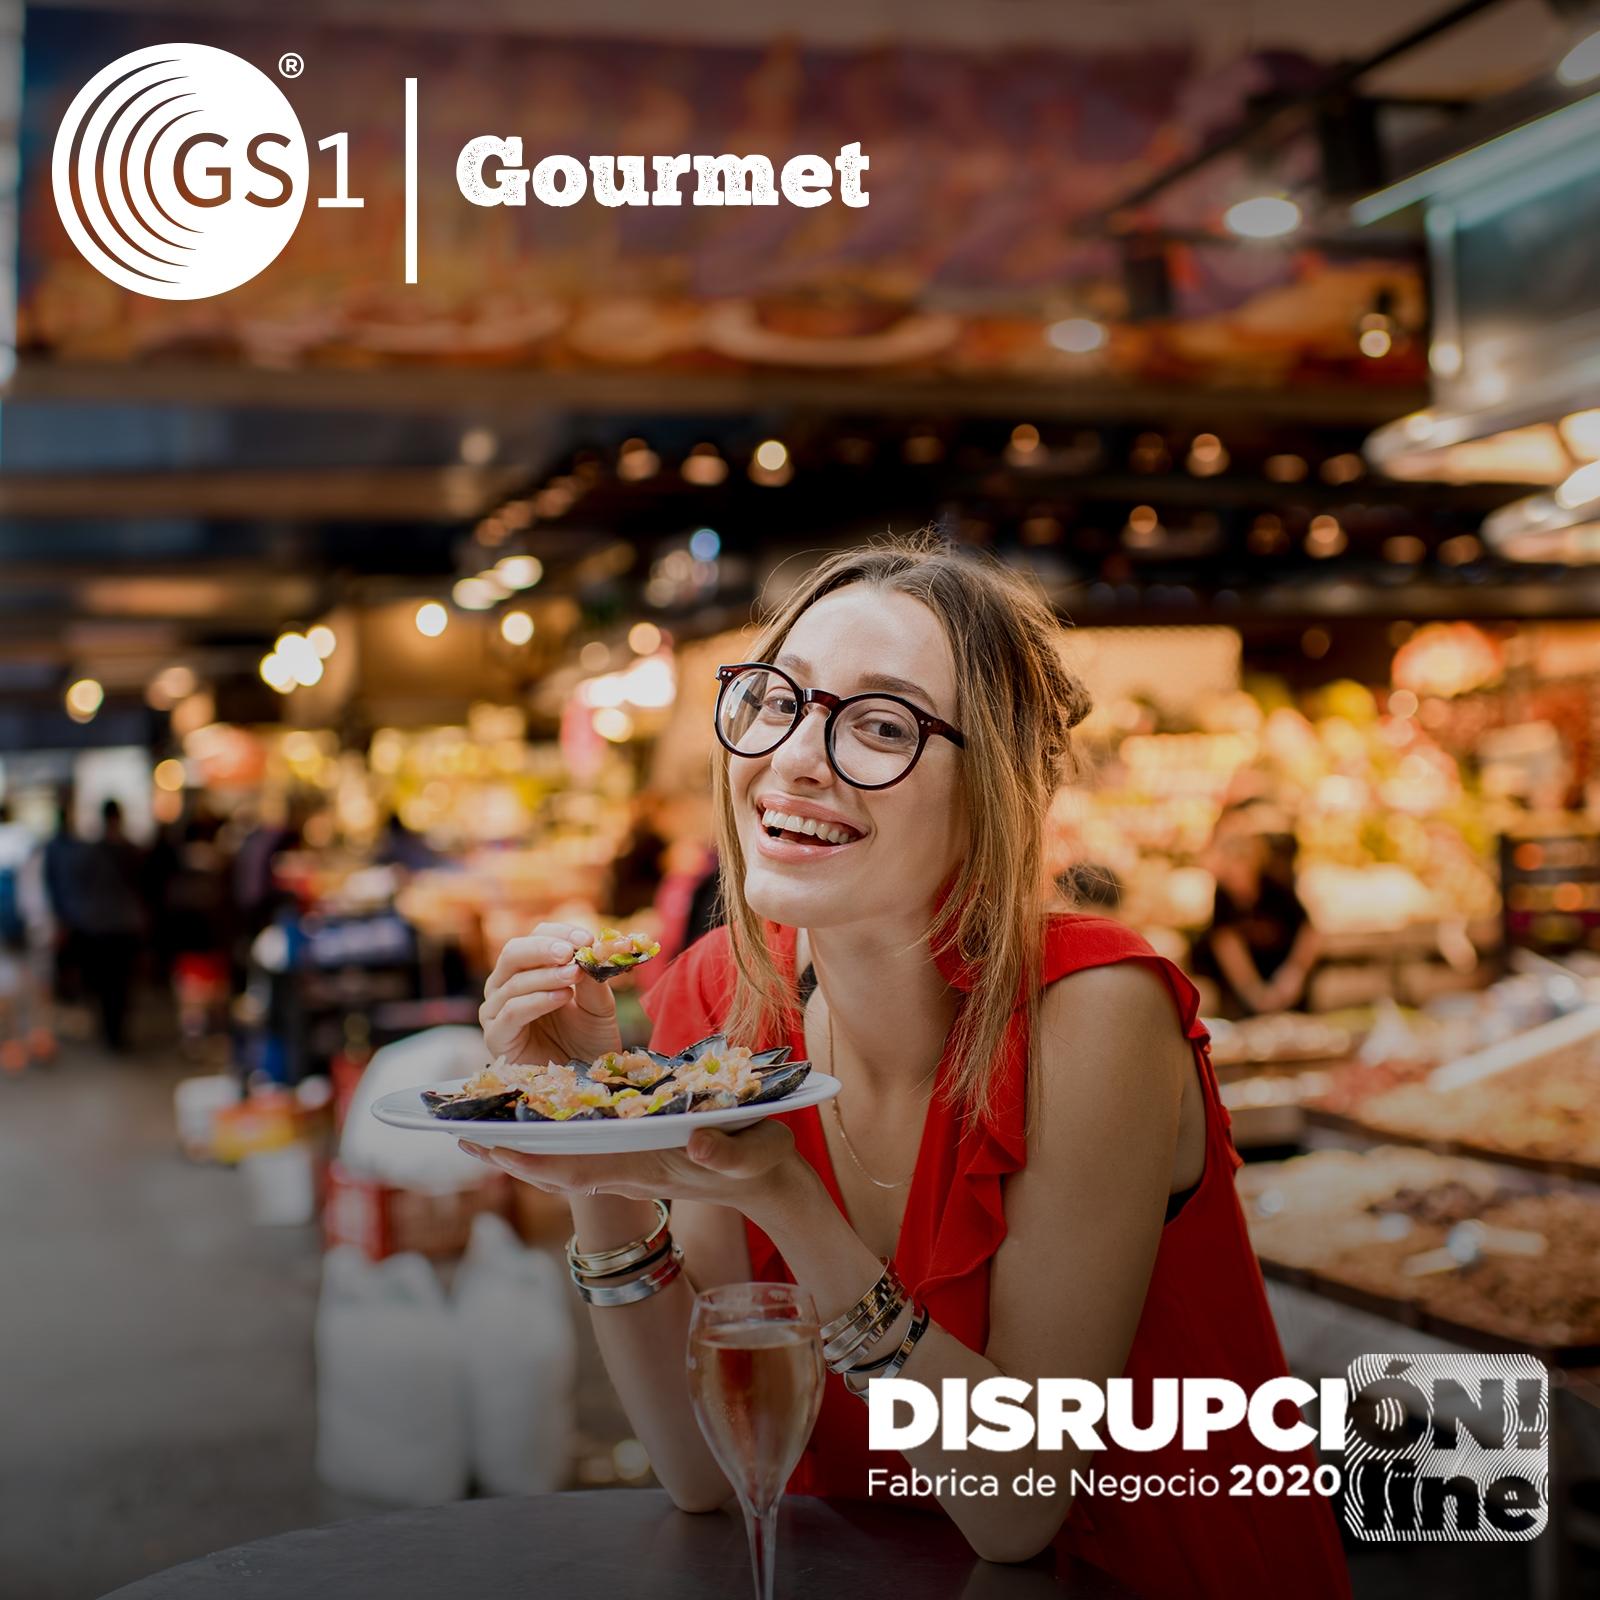 gs1 gourmet